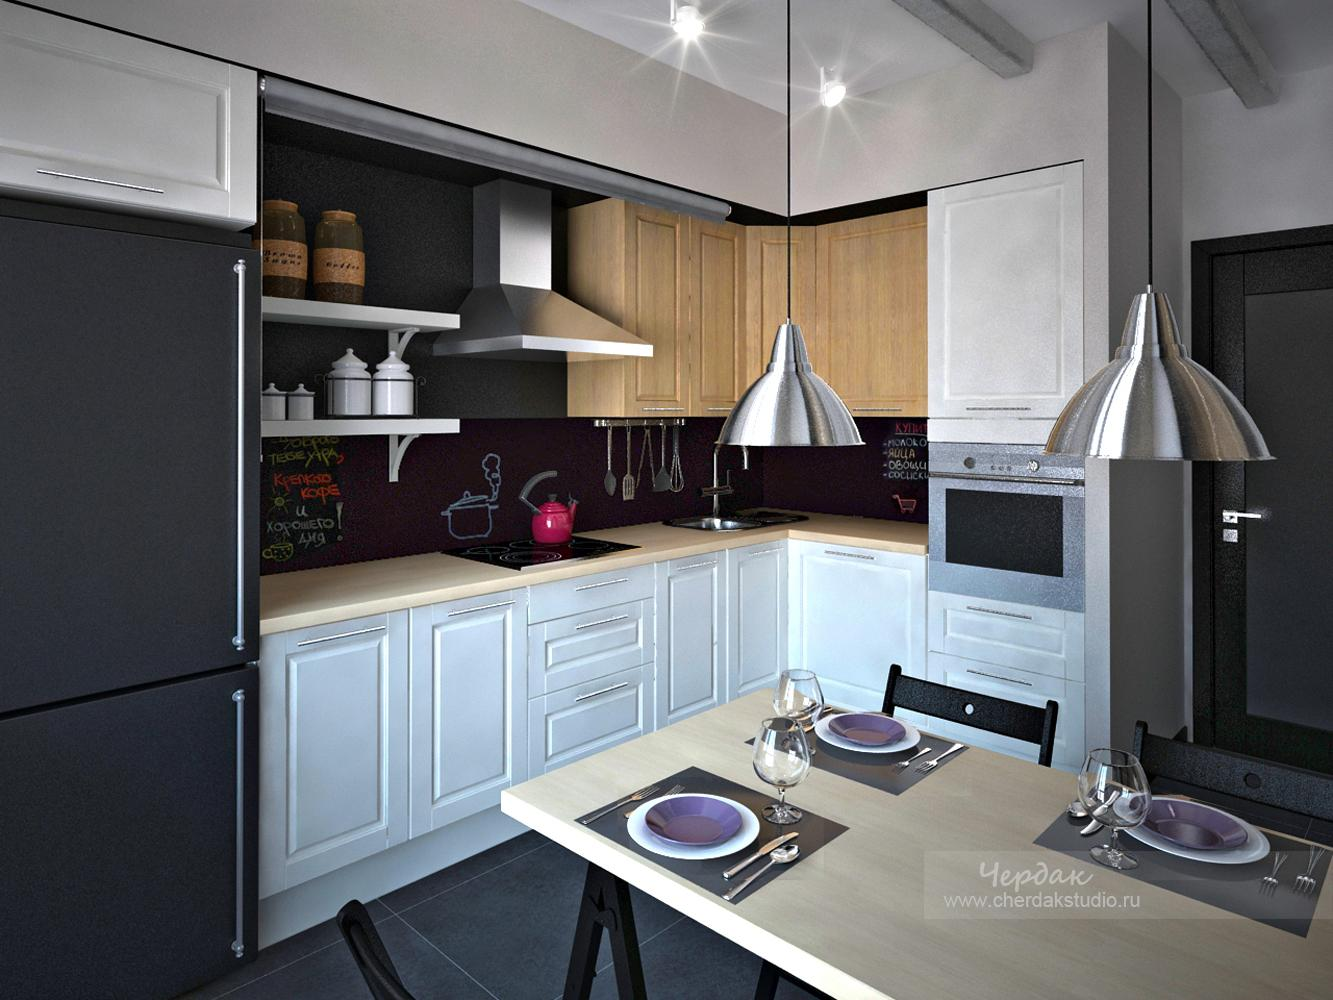 Интерьер кухонь в домах п44т.